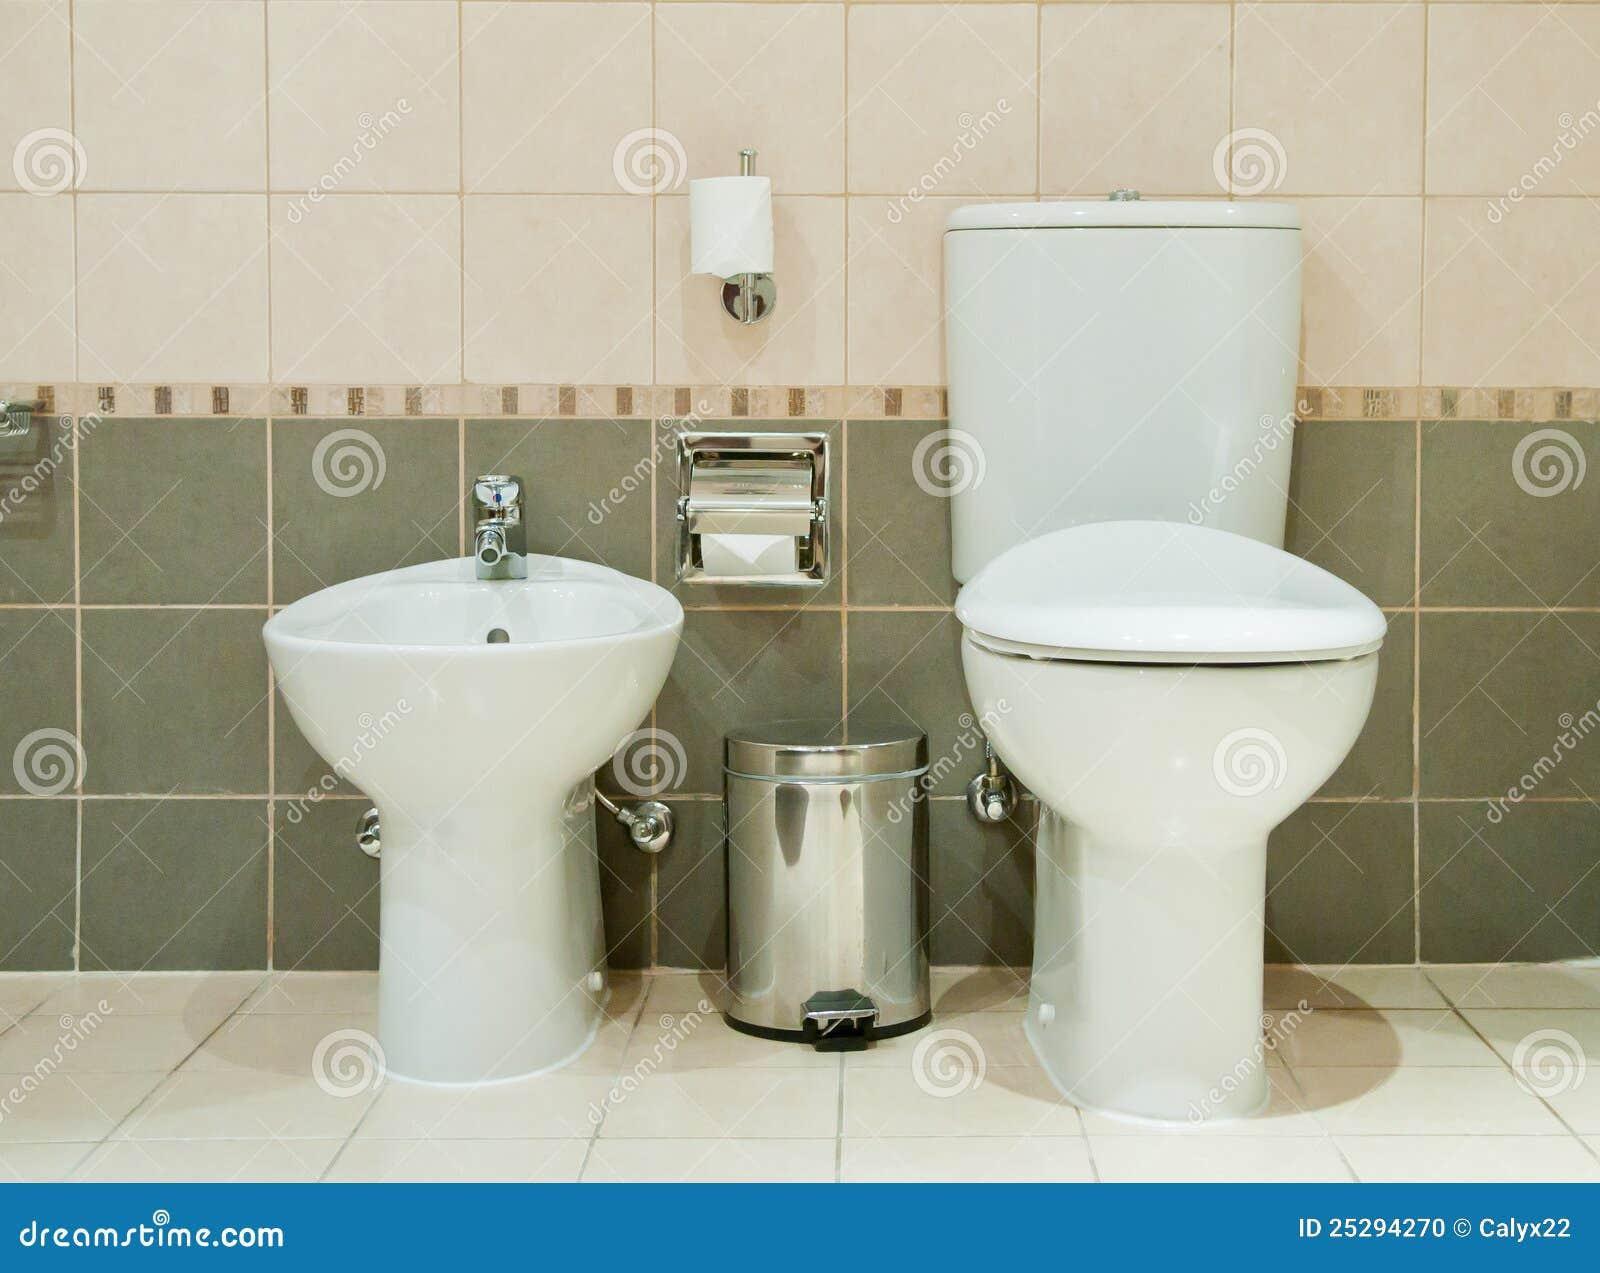 modernes badezimmer mit toilette und bidet stockfoto. Black Bedroom Furniture Sets. Home Design Ideas